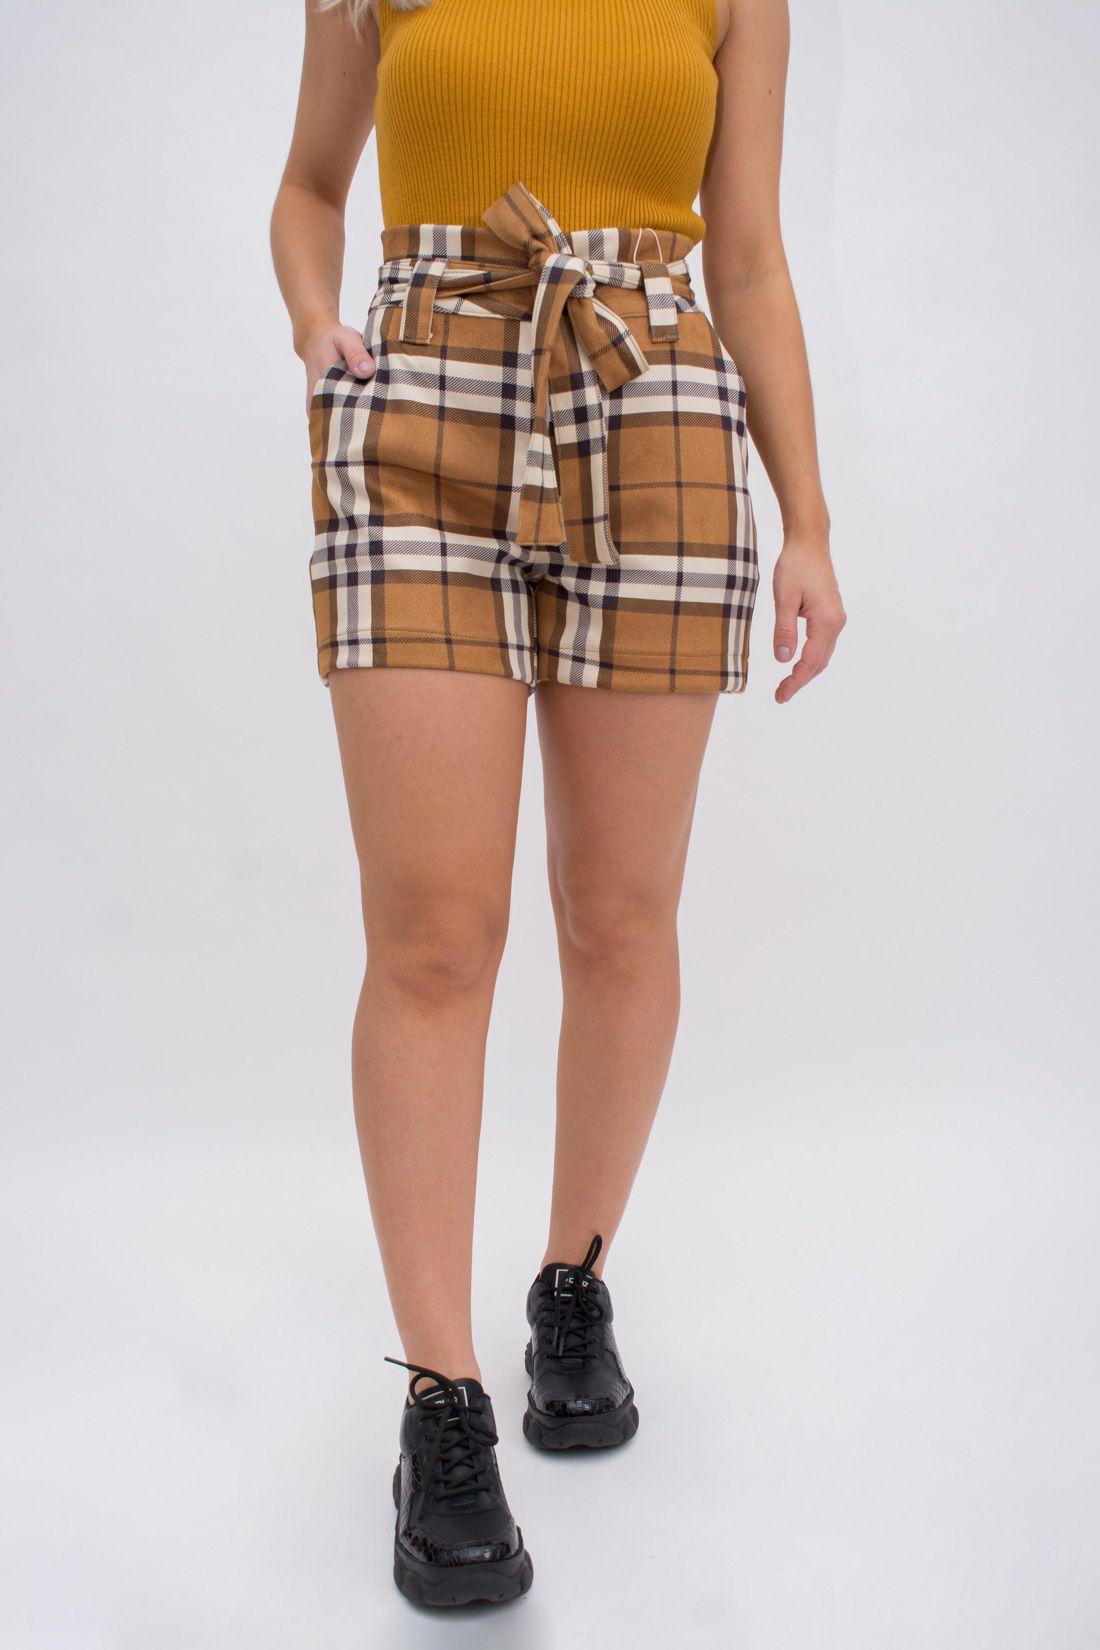 Shorts Yexx Clochard Xadrez